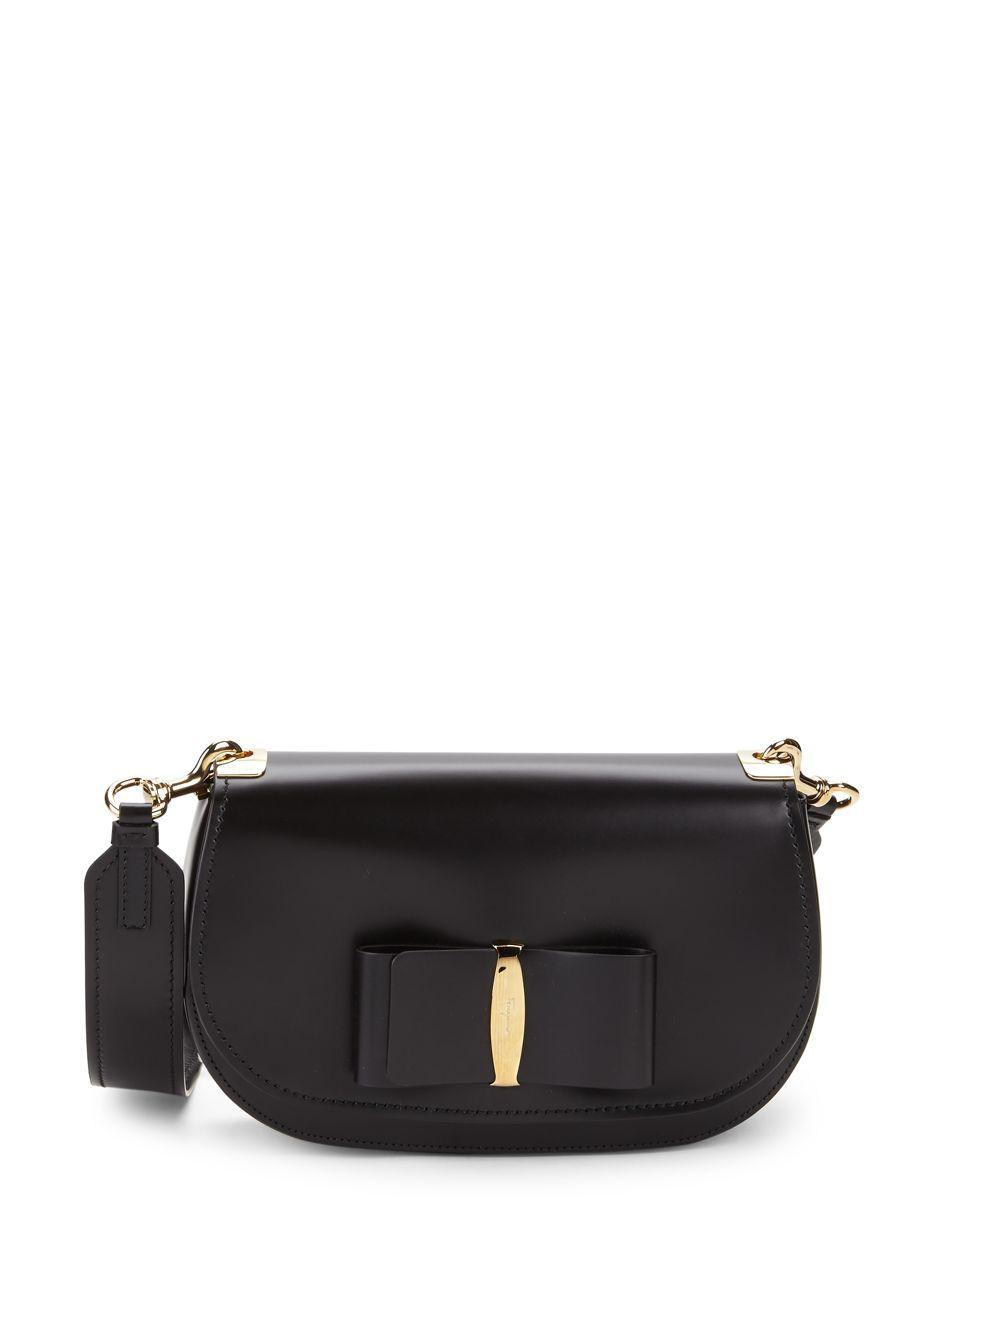 9a7c60e34e0d Lyst - Ferragamo Small Vara Leather Crossbody Bag in Black